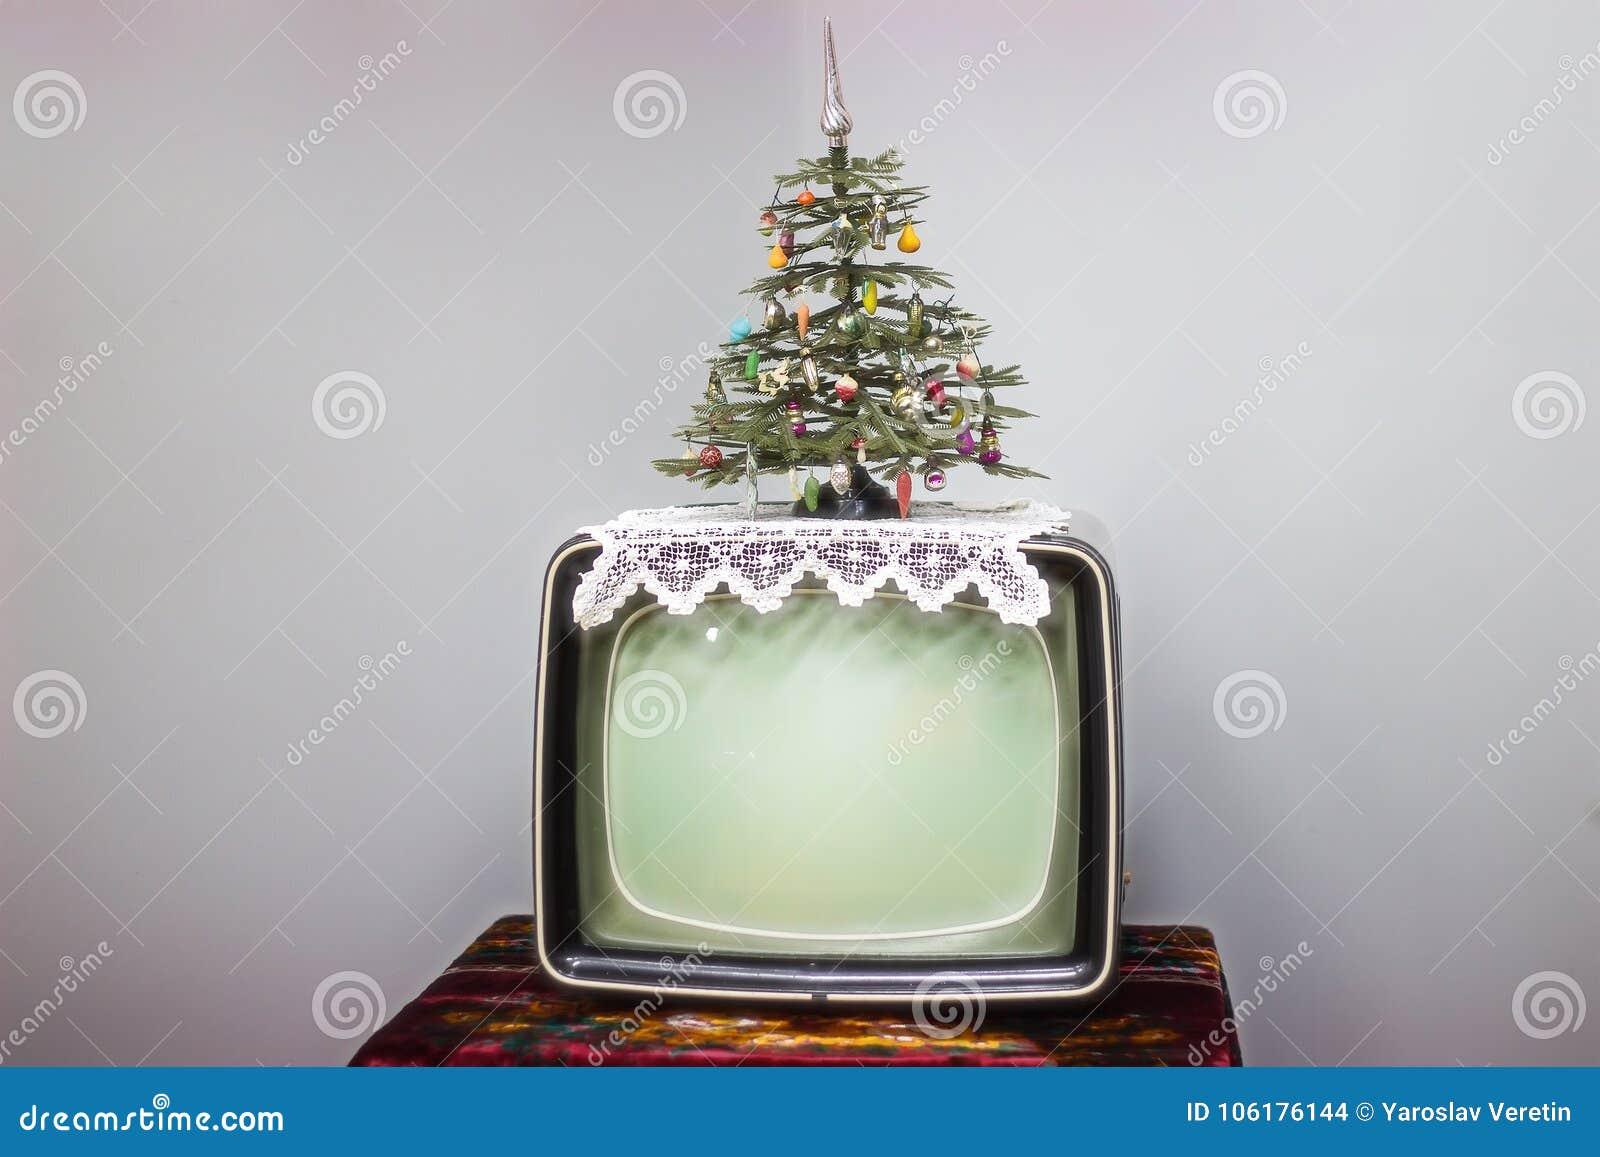 ТВ, рождественская елка